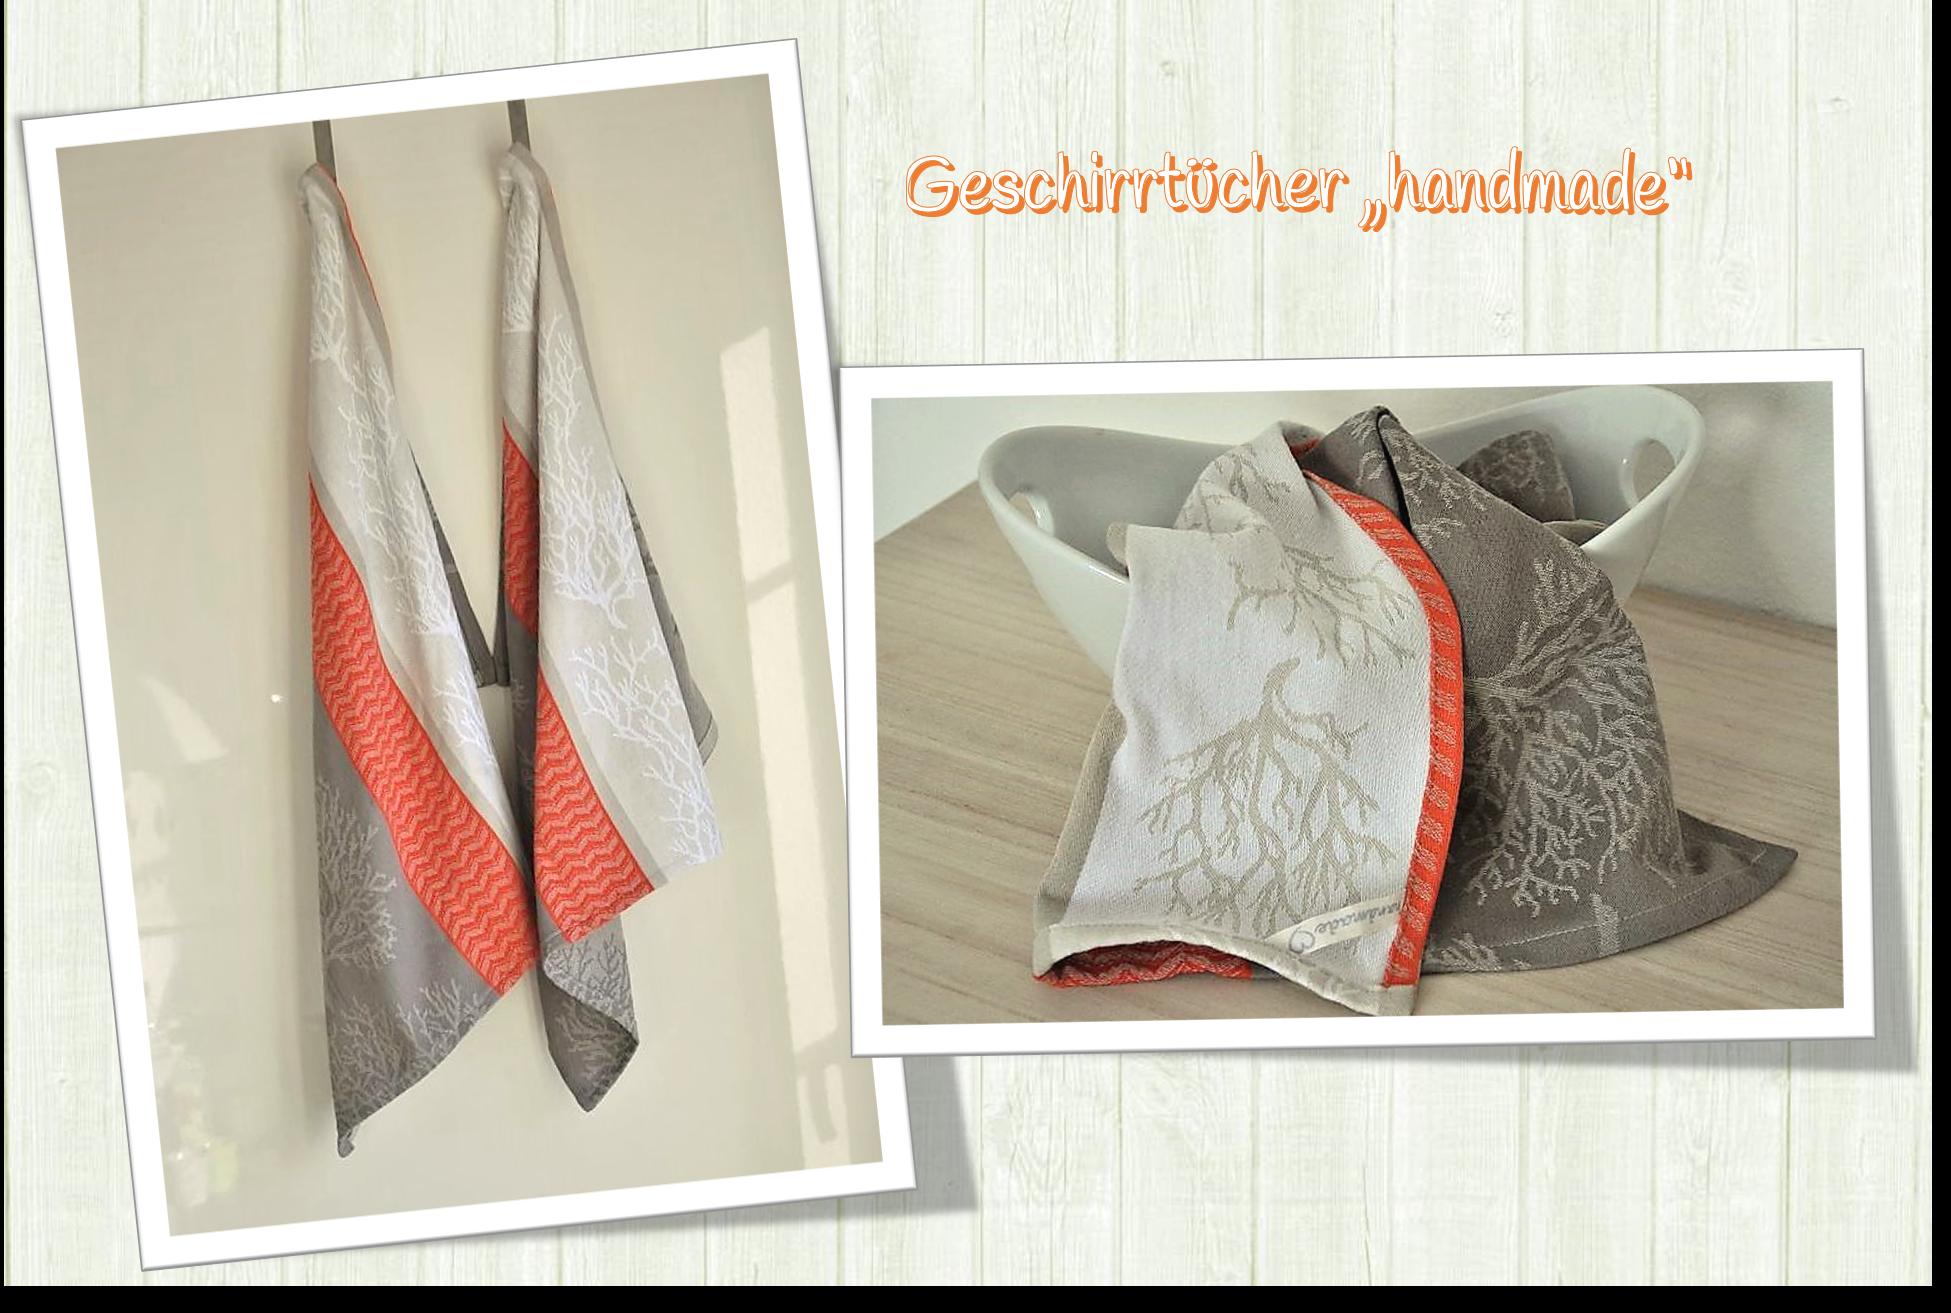 Geschirrt-cher_handmade